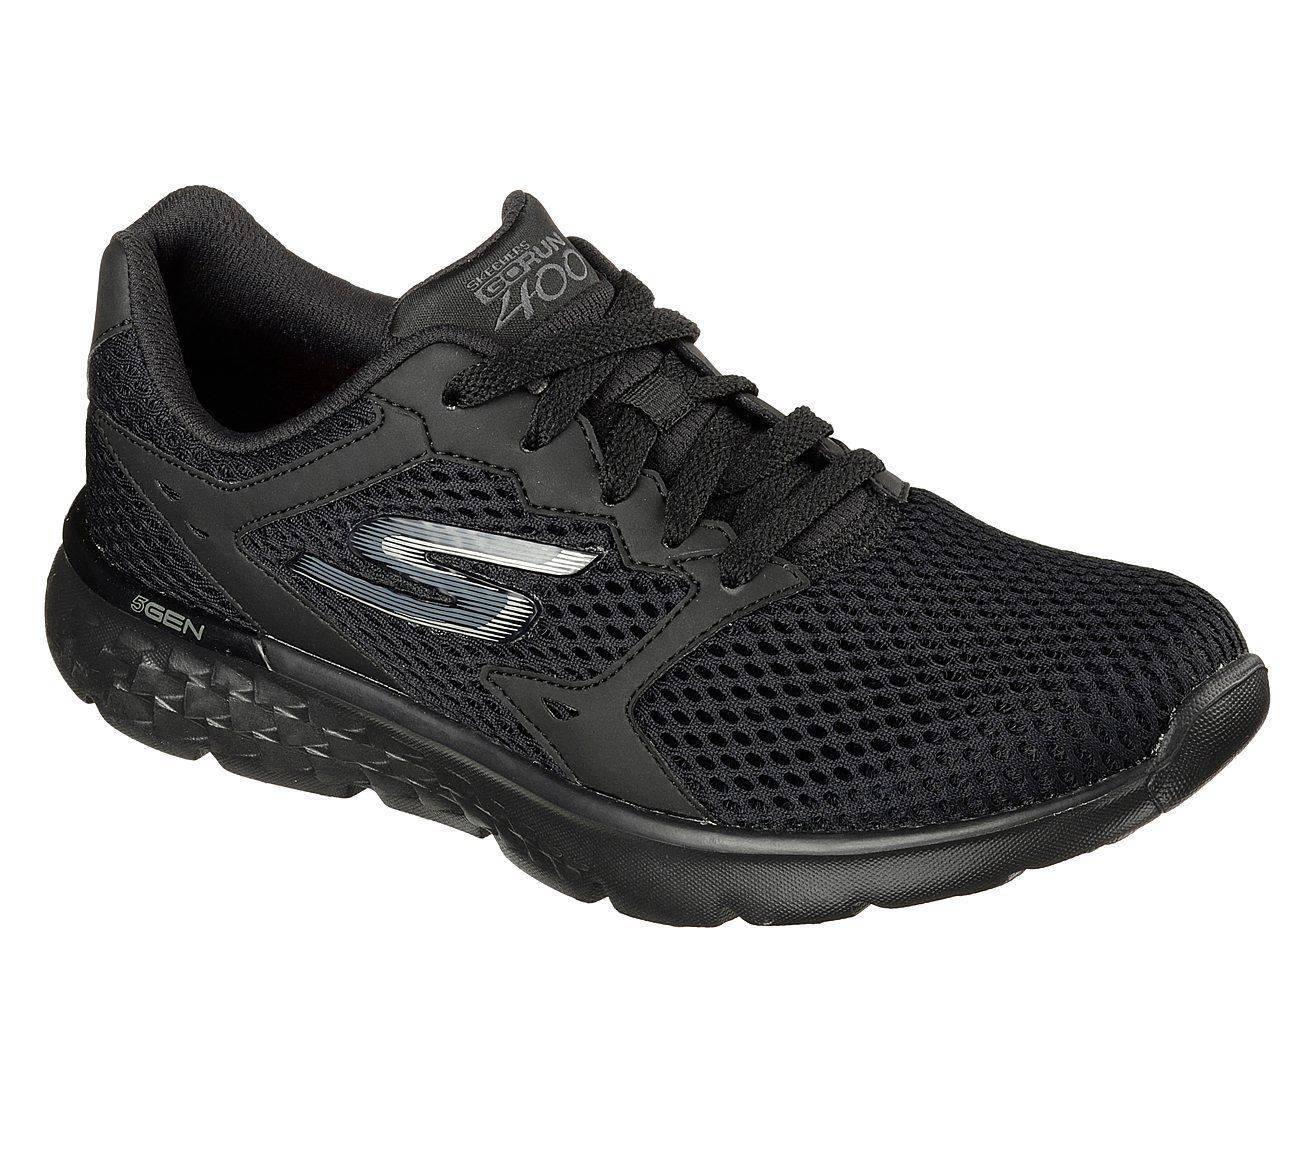 Skechers GORUN 400 Black sneakers for Women -7.5